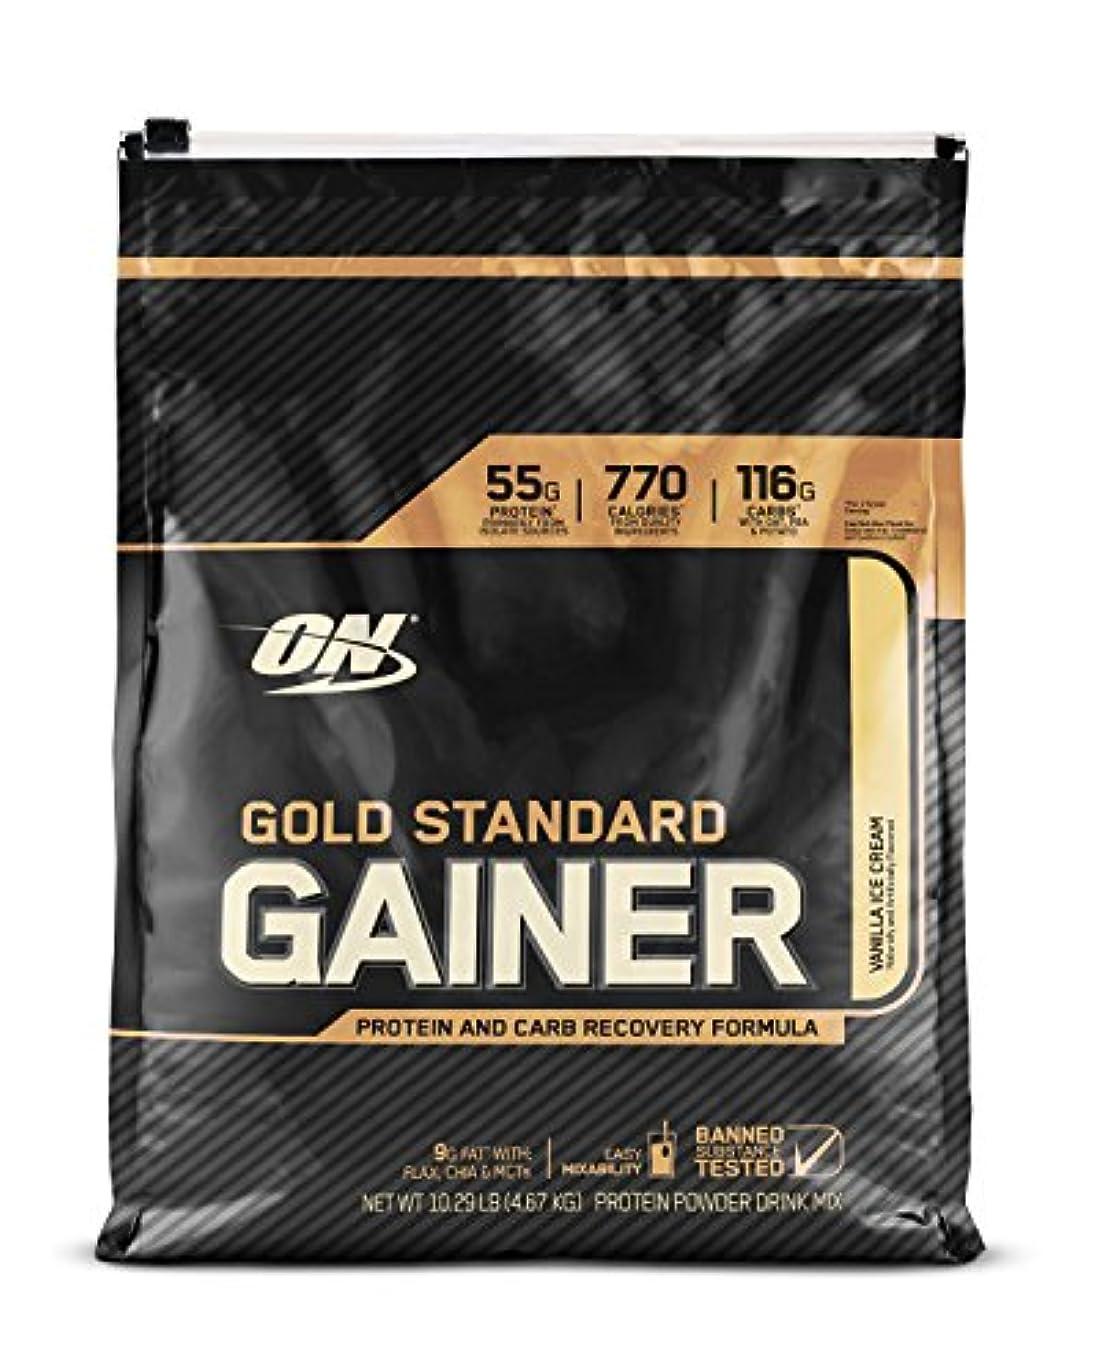 ジェスチャーハンドブック知事ゴールドスタンダード ゲイナー 10LB バニラアイスクリーム (Gold Standard Gainer 10LB Vanilla Ice Cream) [海外直送品] [並行輸入品]